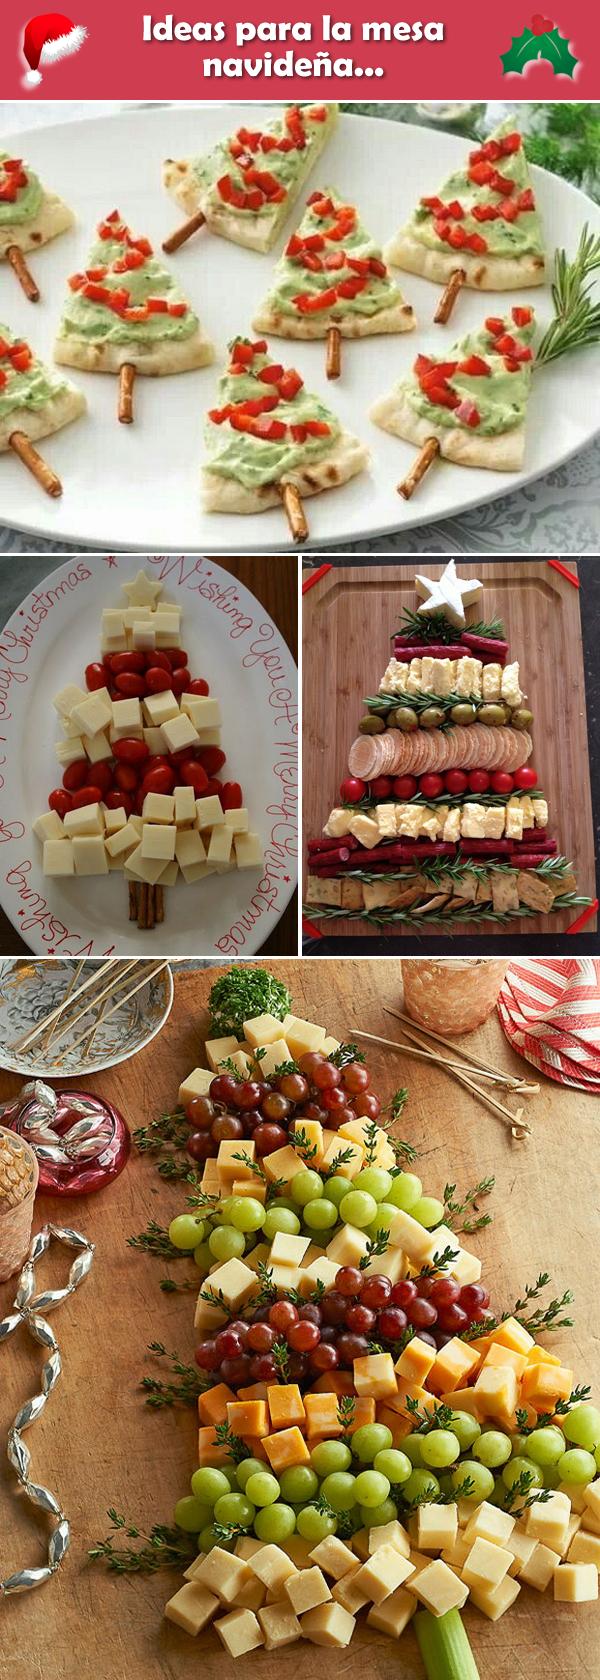 Platos salados para la mesa navide a comidad para navidad for Ideas de decoracion navidena